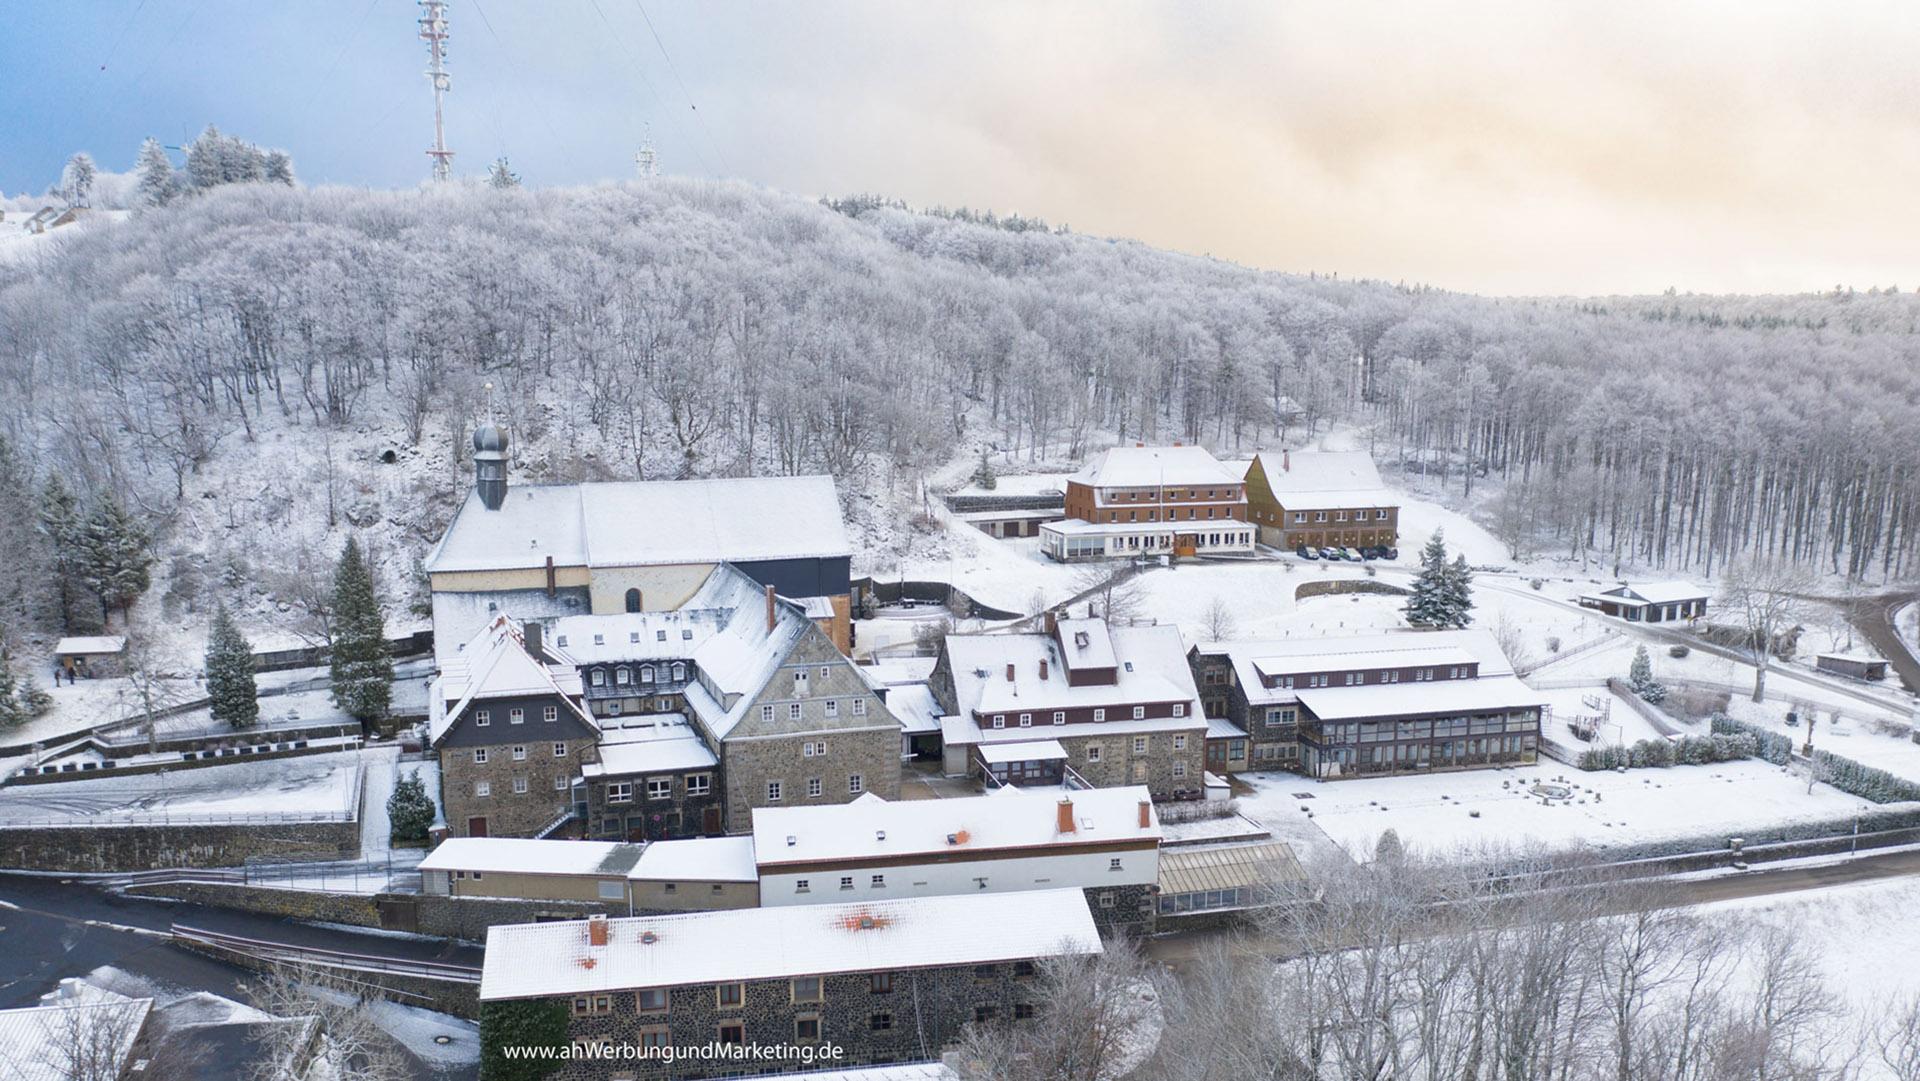 Luftaufnahme_Kloster-Kreuzberg_Winter_0099_02